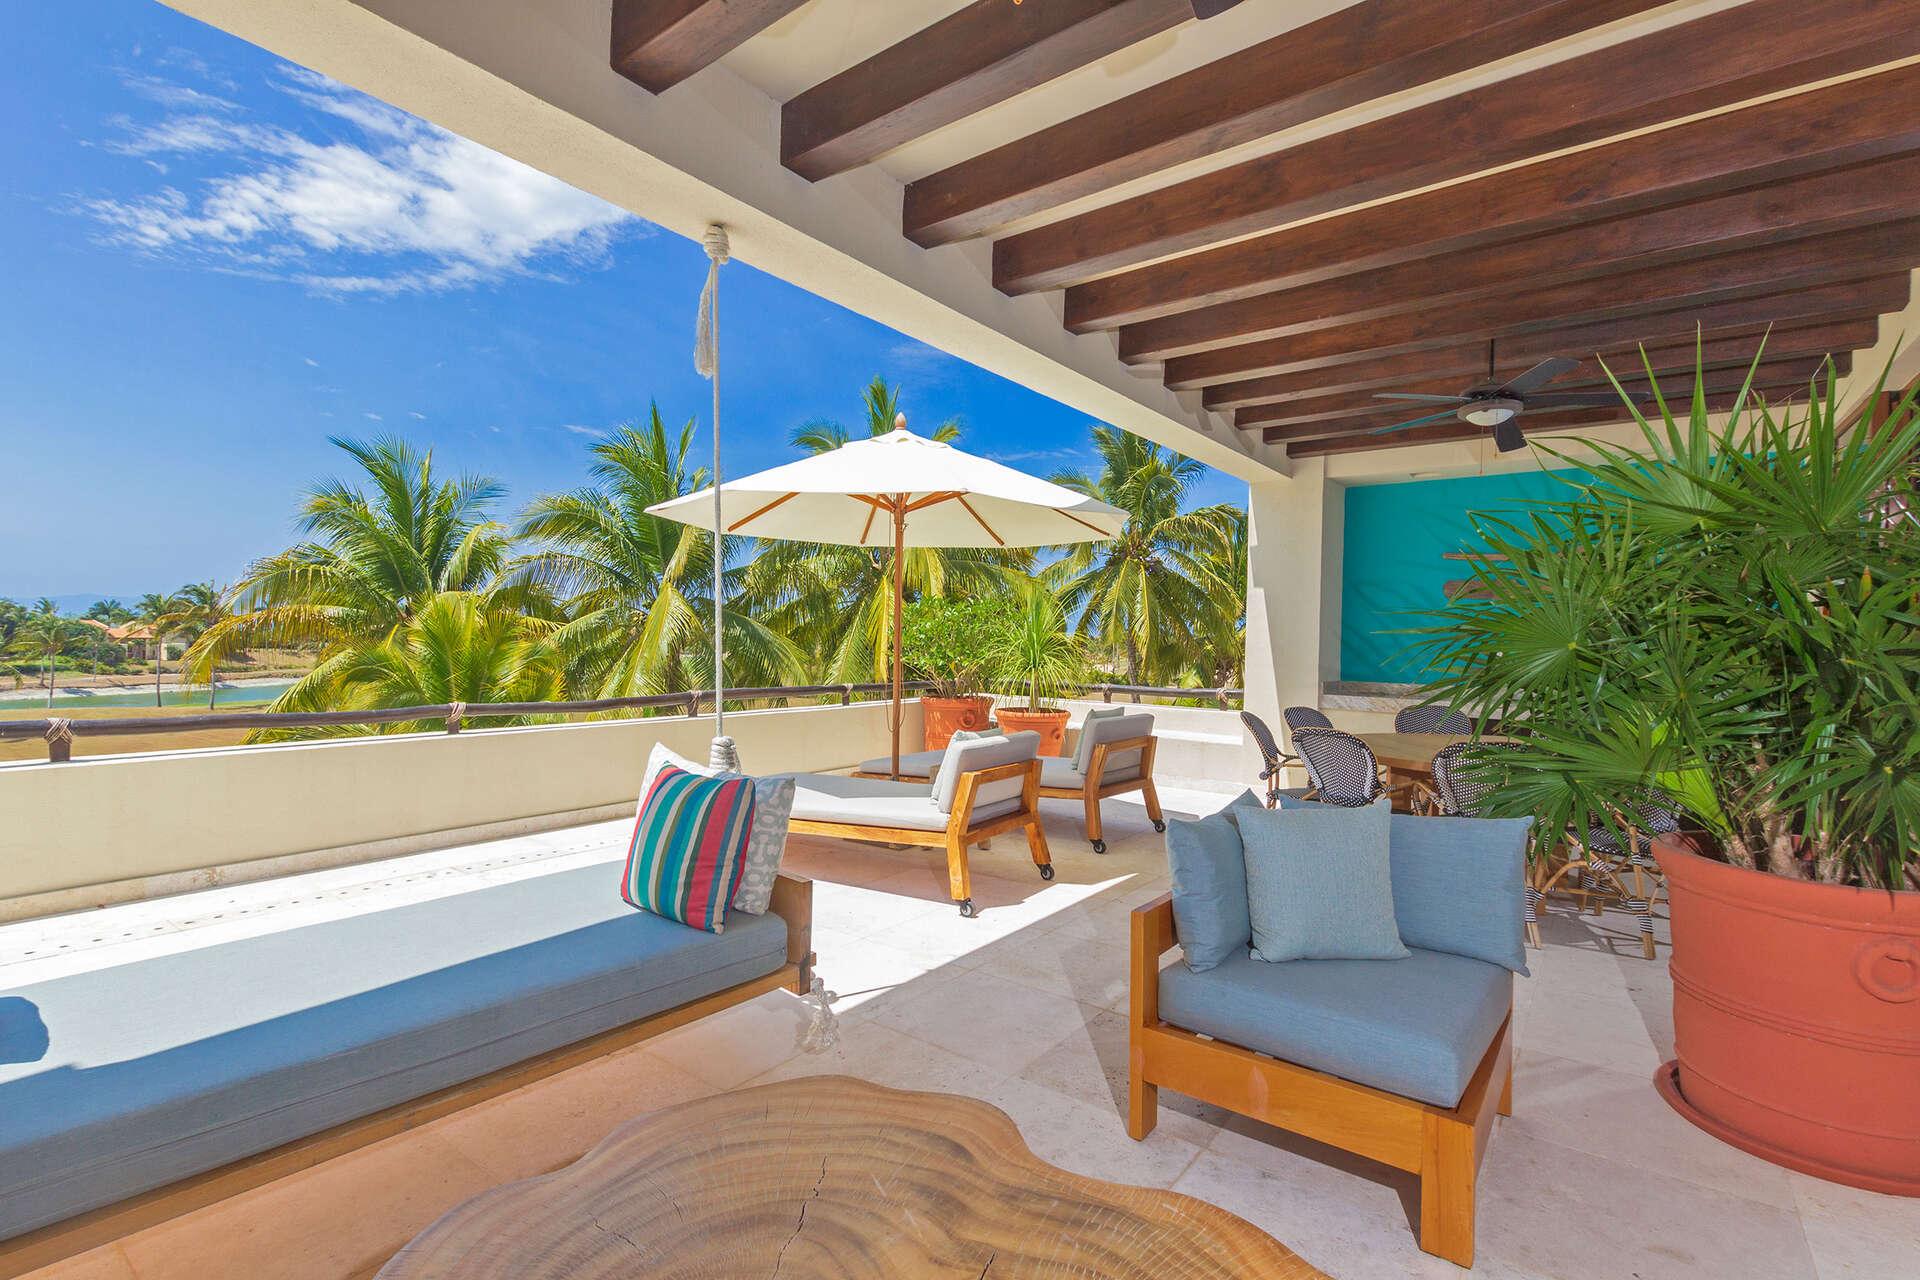 Luxury vacation rentals mexico - Punta mita - Las terrazas - Condo Palma Azul - Image 1/13